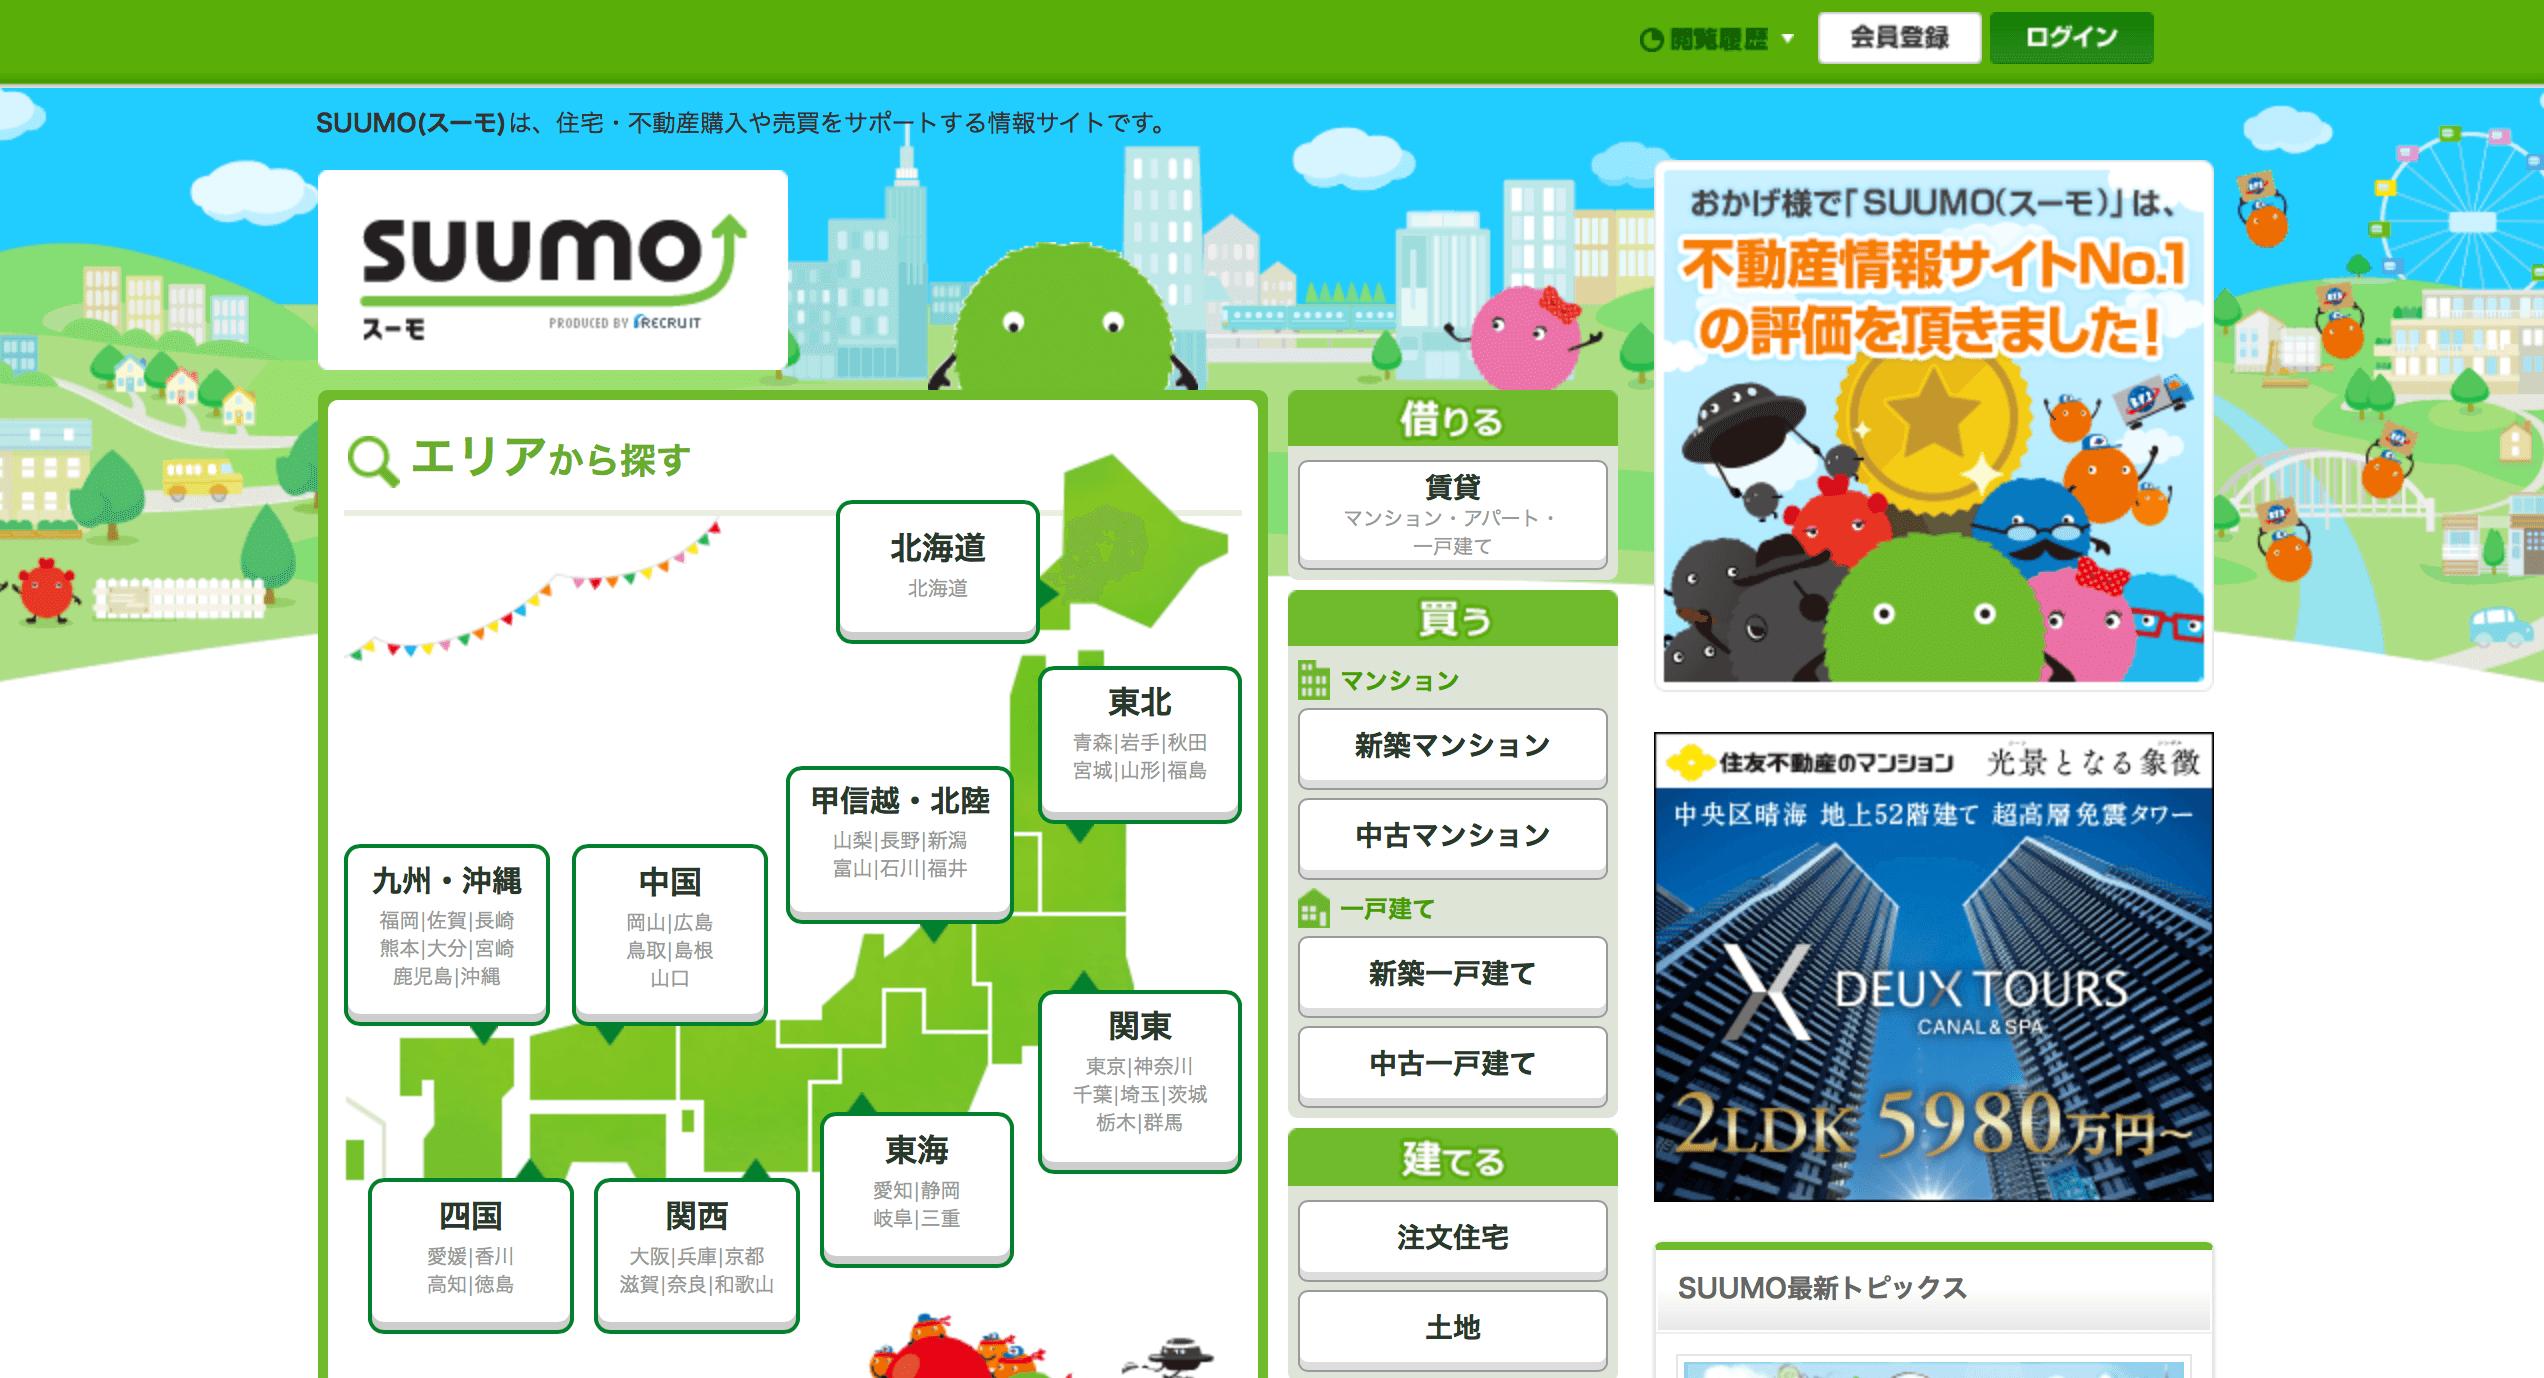 不動産広告サイト「SUUMO」